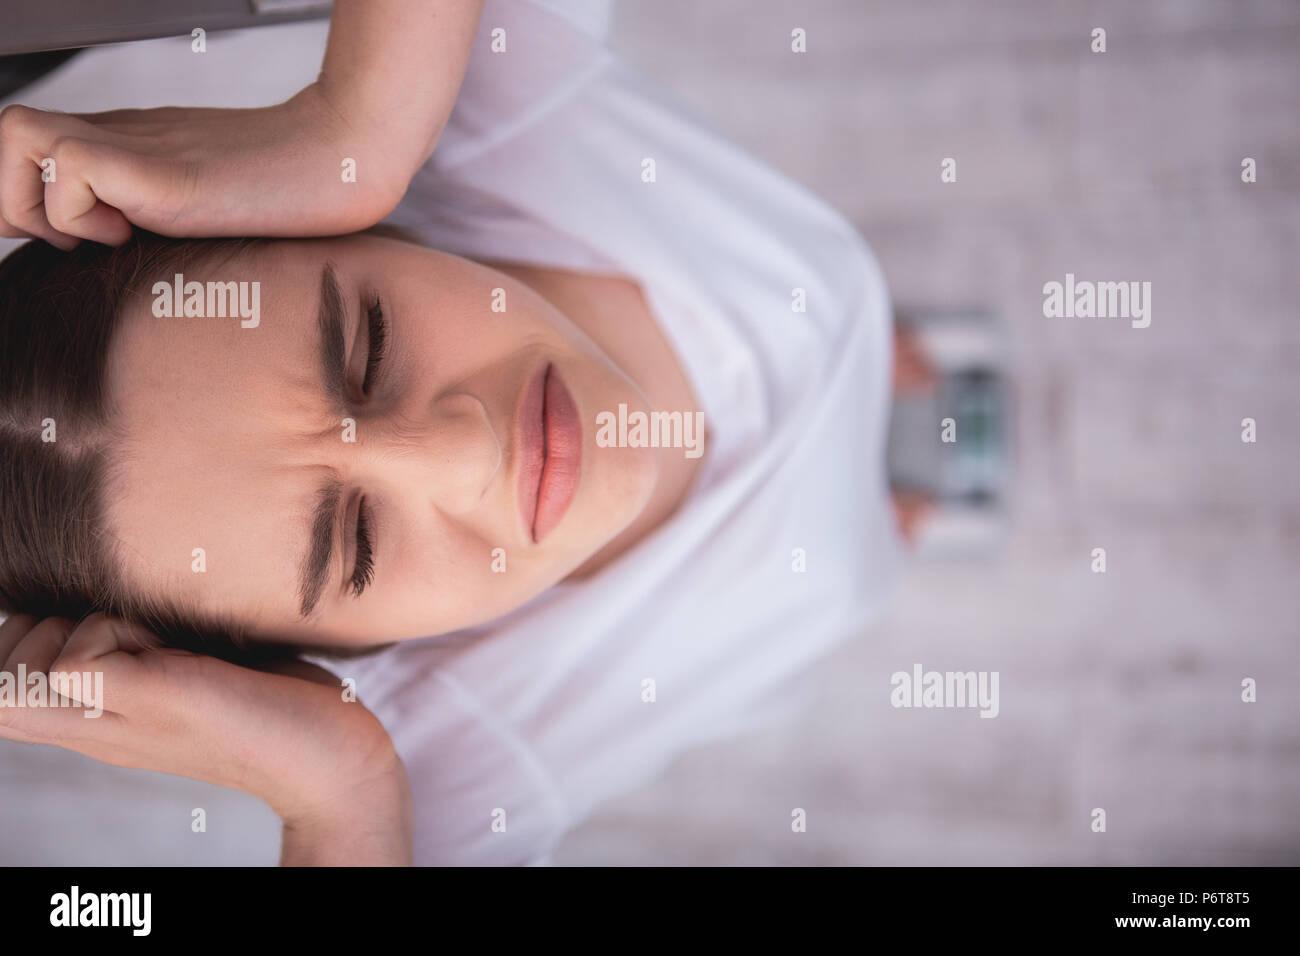 Orinato teen girl deludente con il peso Immagini Stock